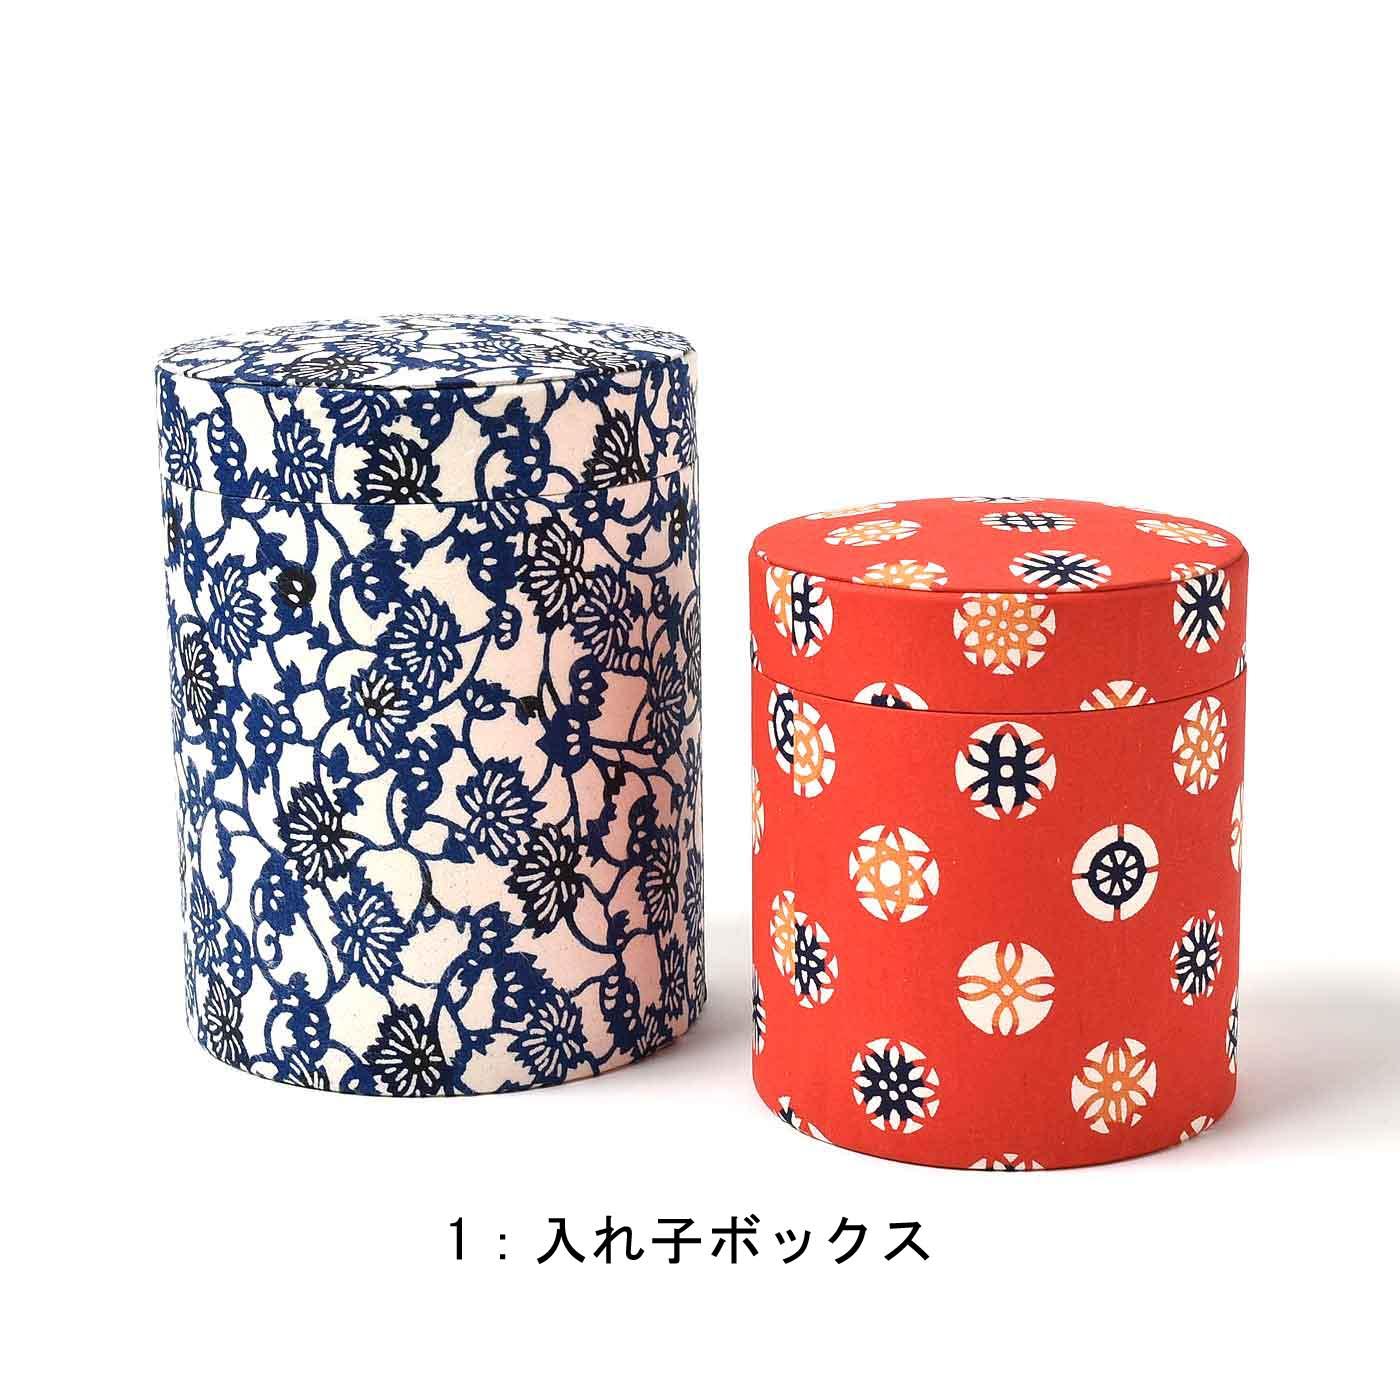 入れ子ボックス 大・中各1個:紙 〈大〉直径約10.5cm、高さ約13.5cm 〈中〉直径約9cm、高さ約10.5cm